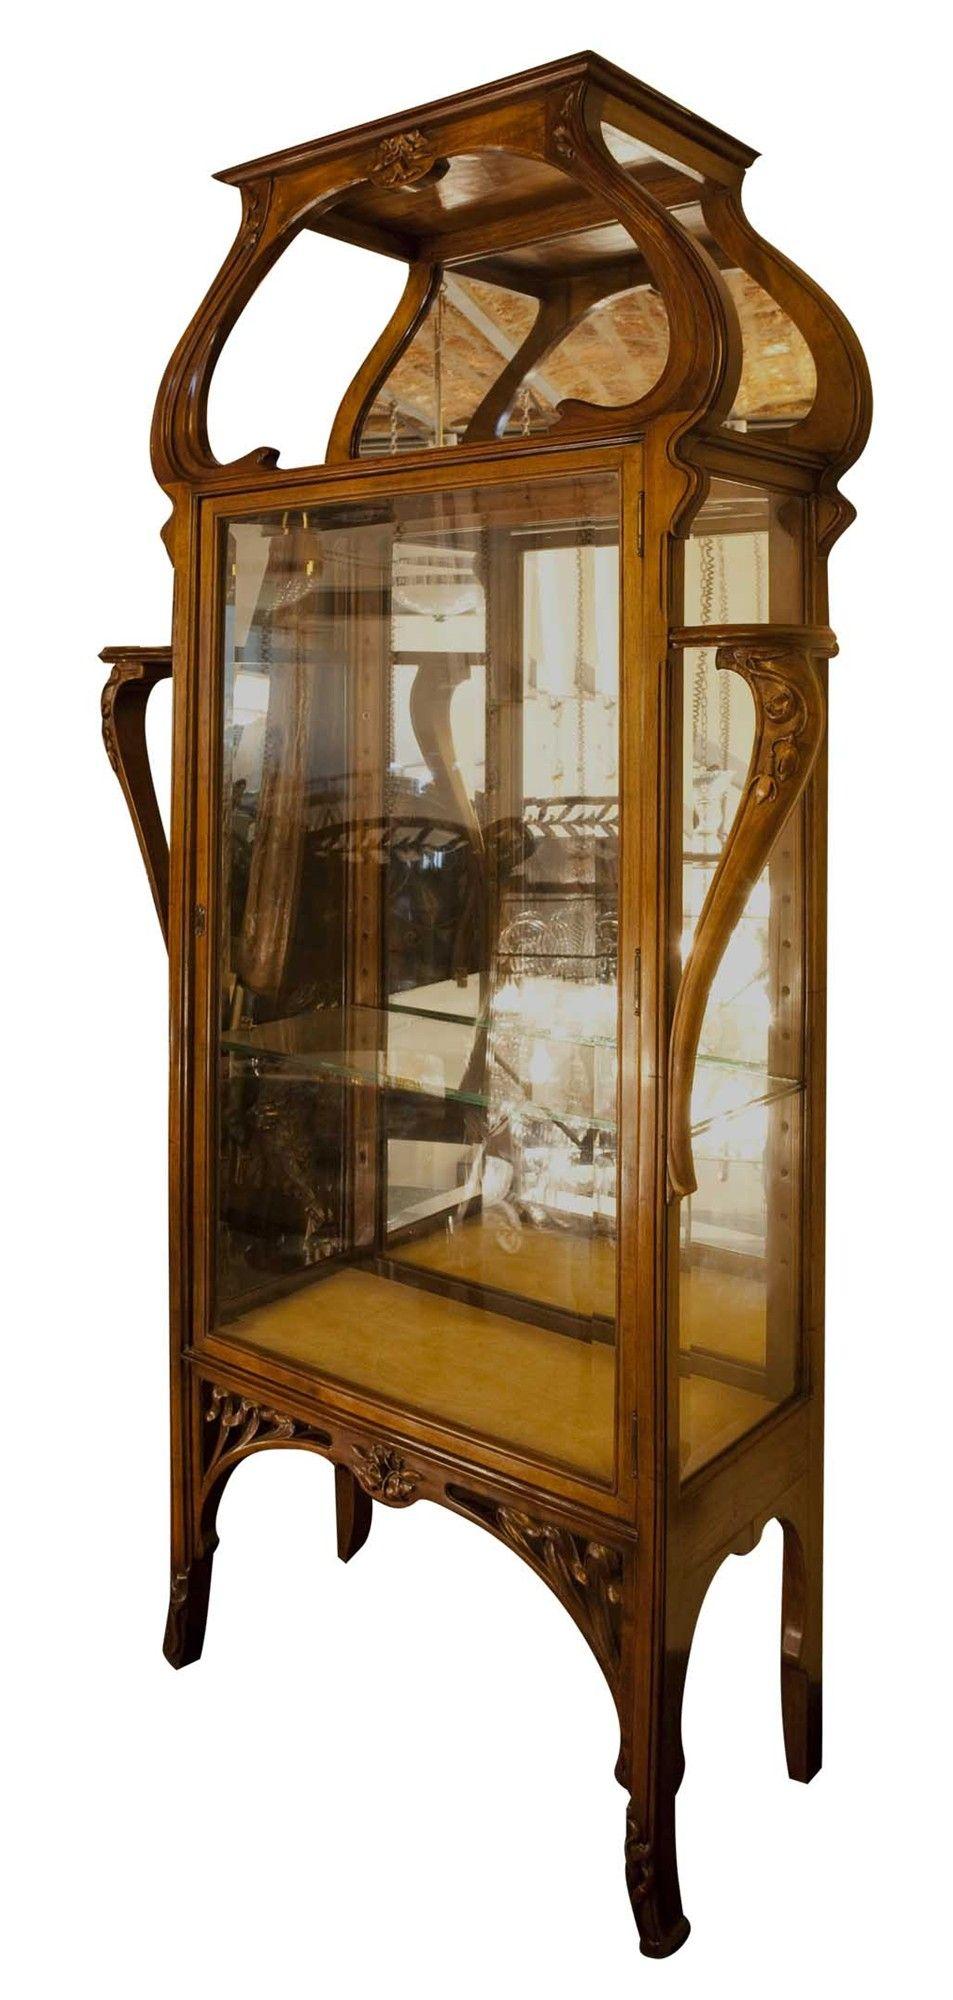 pin von artexperiencenyc auf art nouveau pinterest jugendstil m bel jugendstil und antike. Black Bedroom Furniture Sets. Home Design Ideas